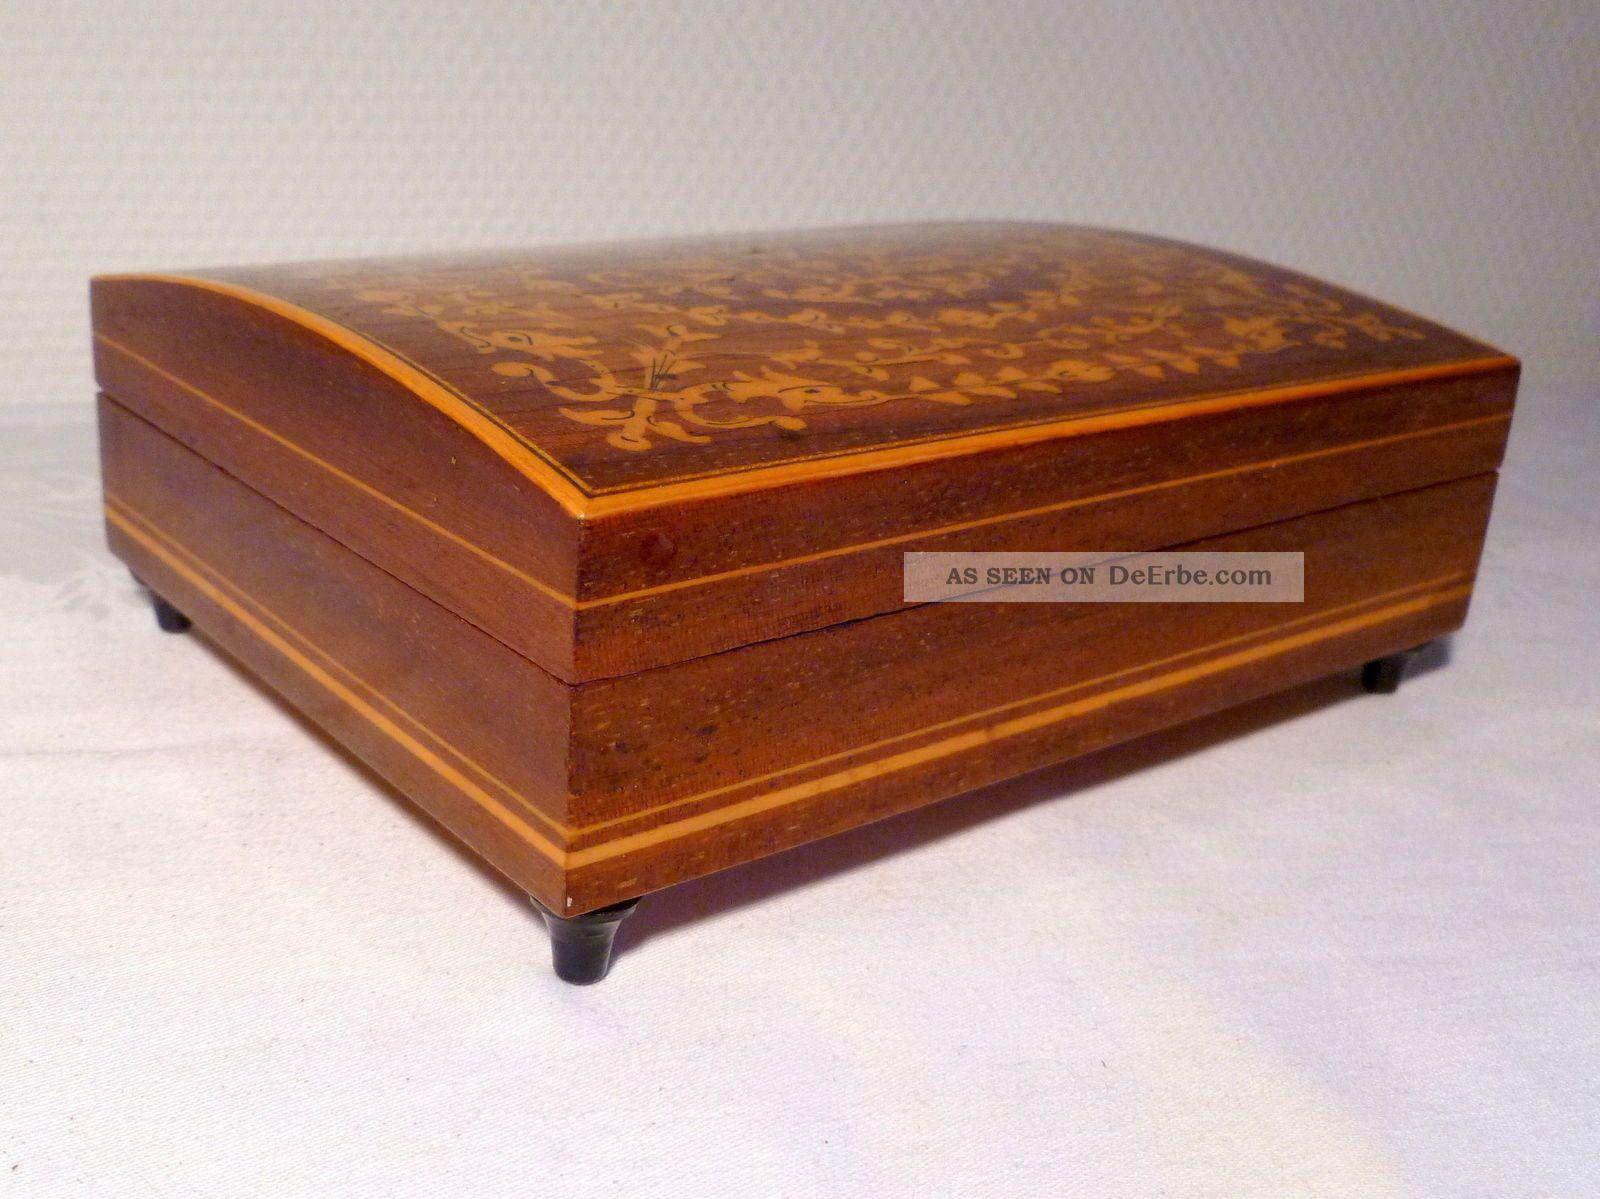 spieldose mit intarsien spieluhr holz schmuckschatulle. Black Bedroom Furniture Sets. Home Design Ideas